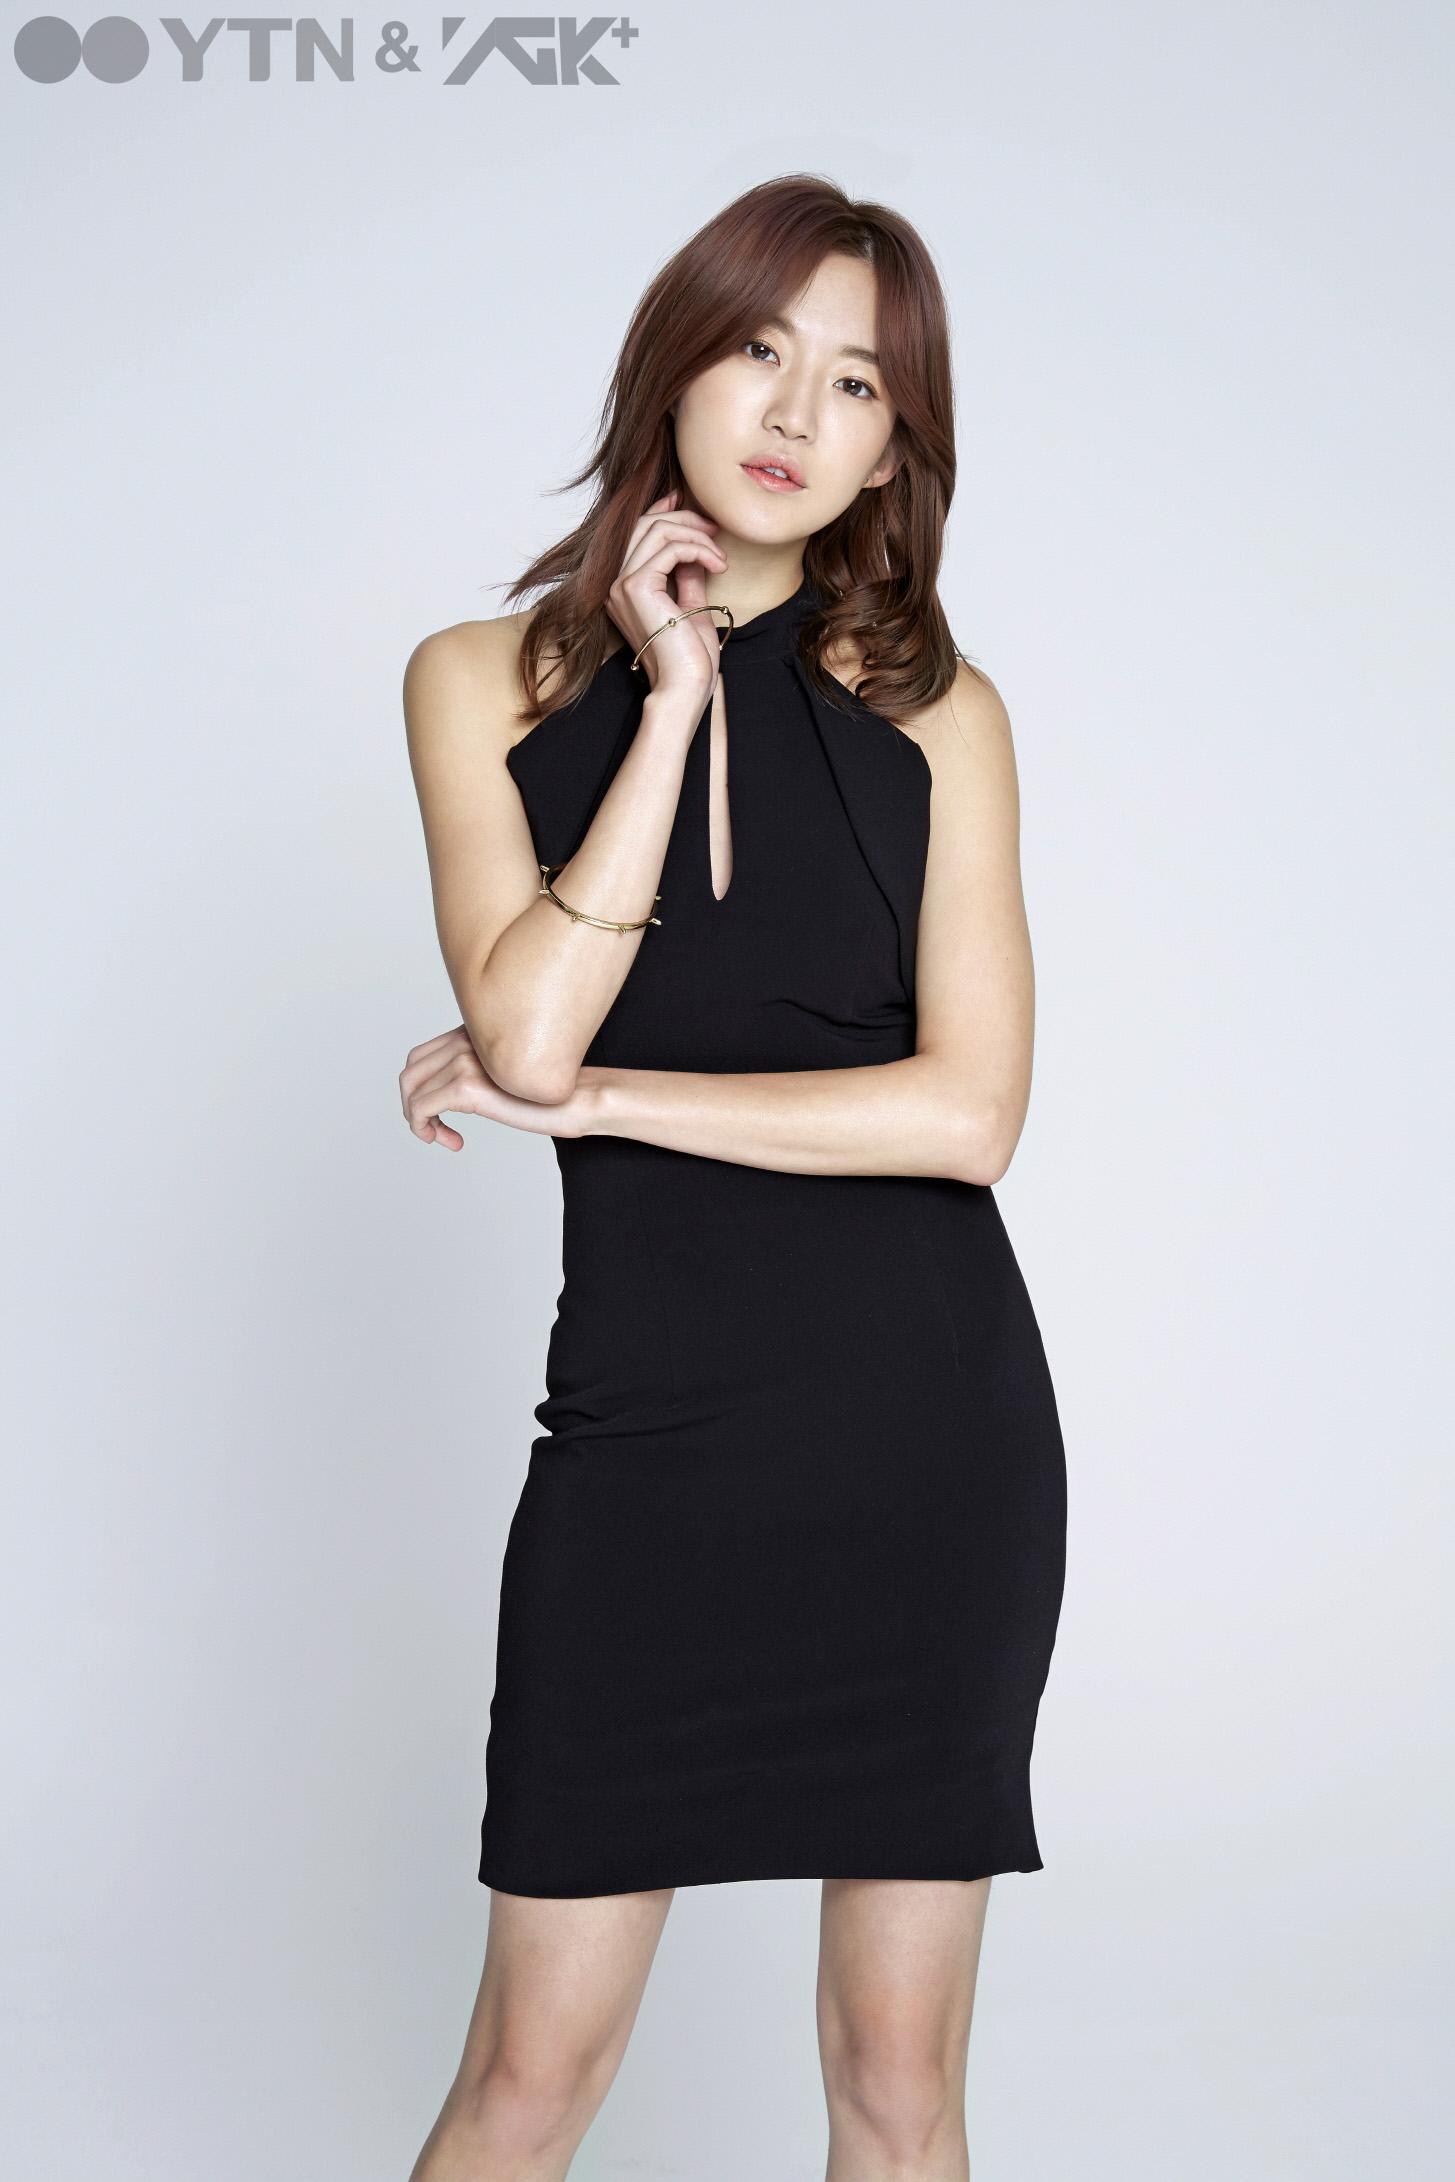 모델 출신 배우 이송이의 첫 장편영화 '워킹 스트리트' 17일 개봉!